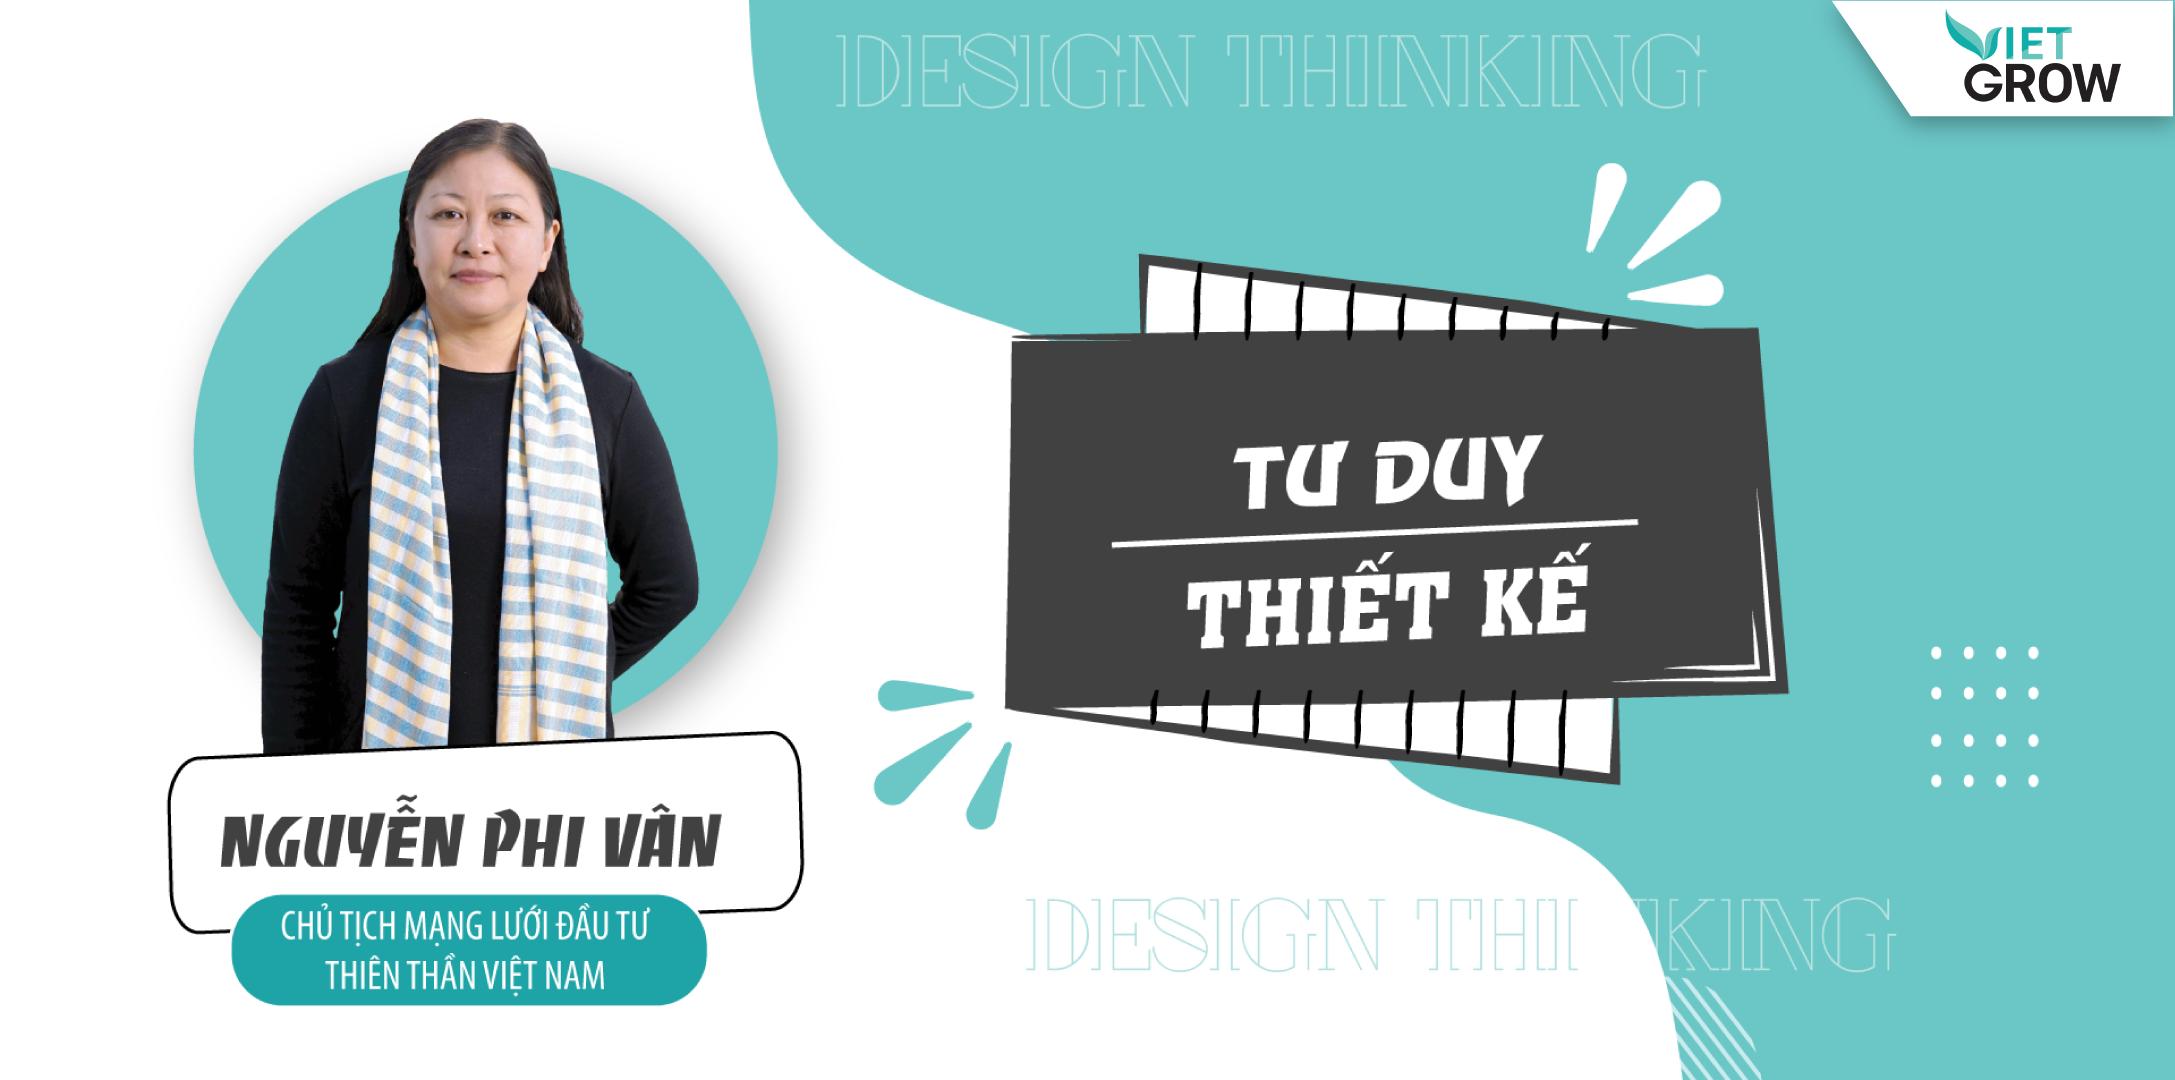 Share khóa học TƯ DUY THIẾT KẾ - DESIGN THINKING - Nguyễn Phi Vân